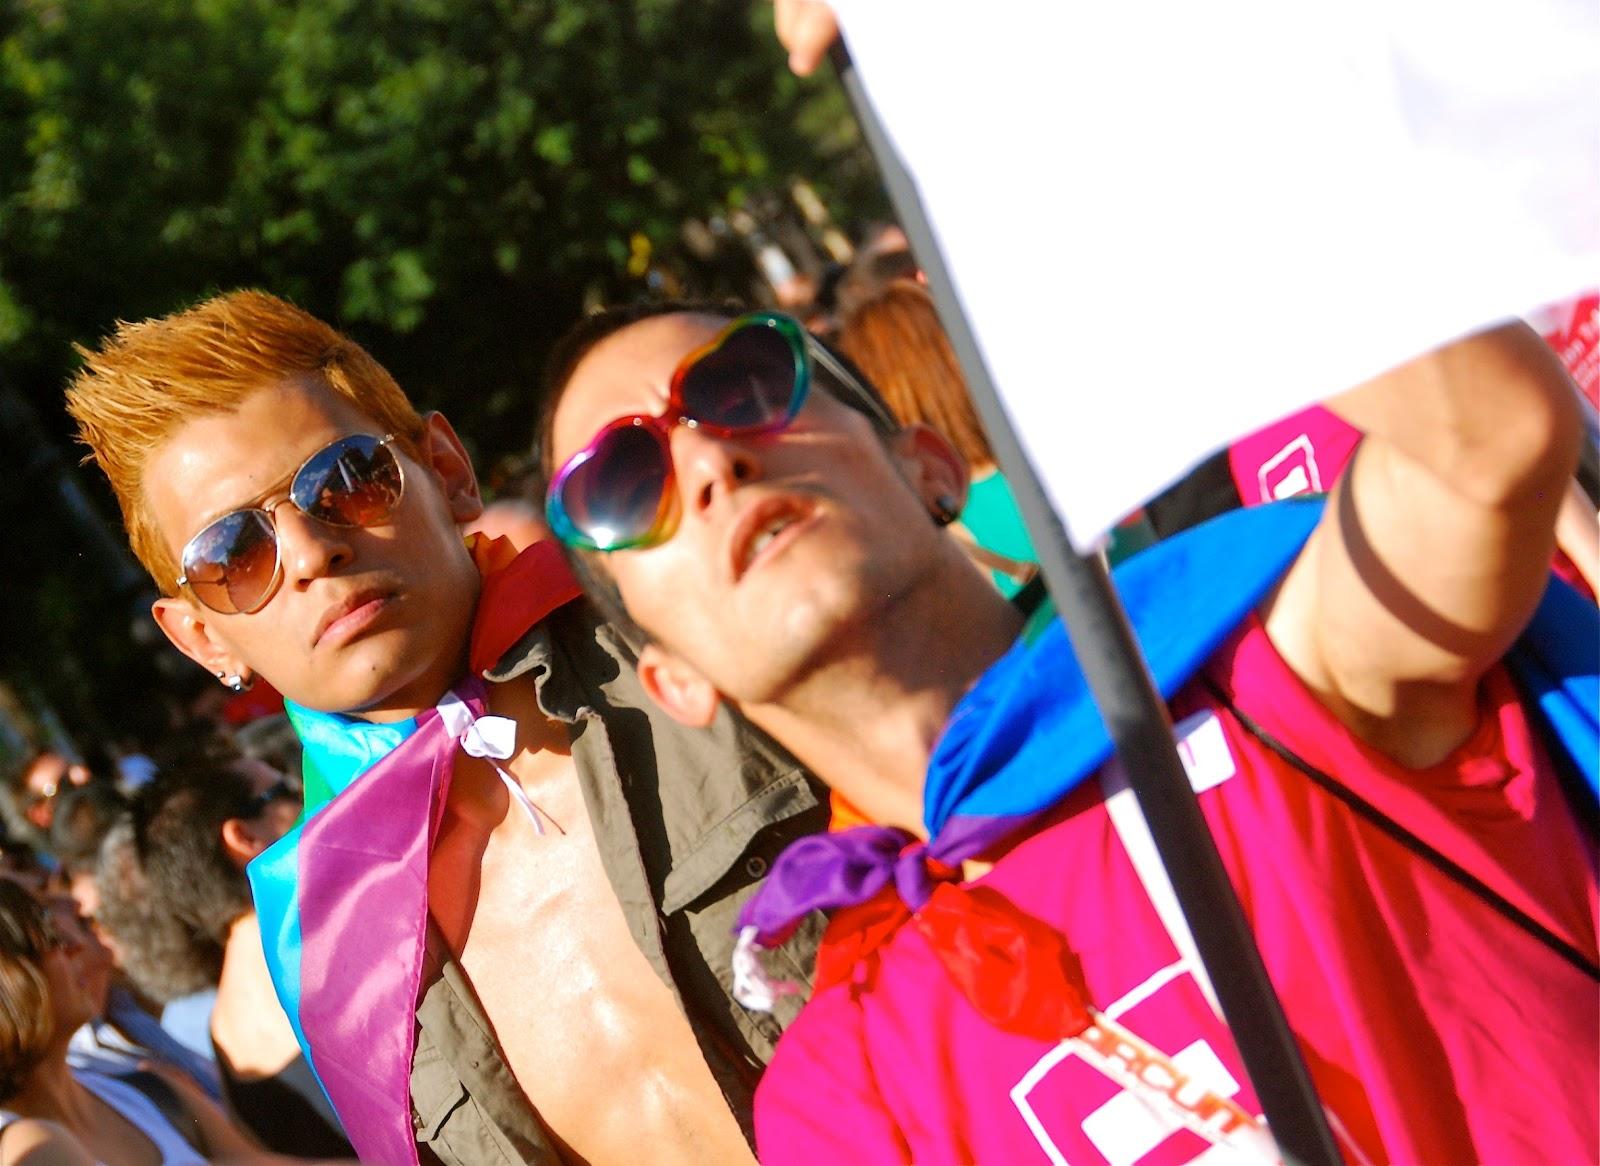 знакомства геи гомосексуалисты секс дне